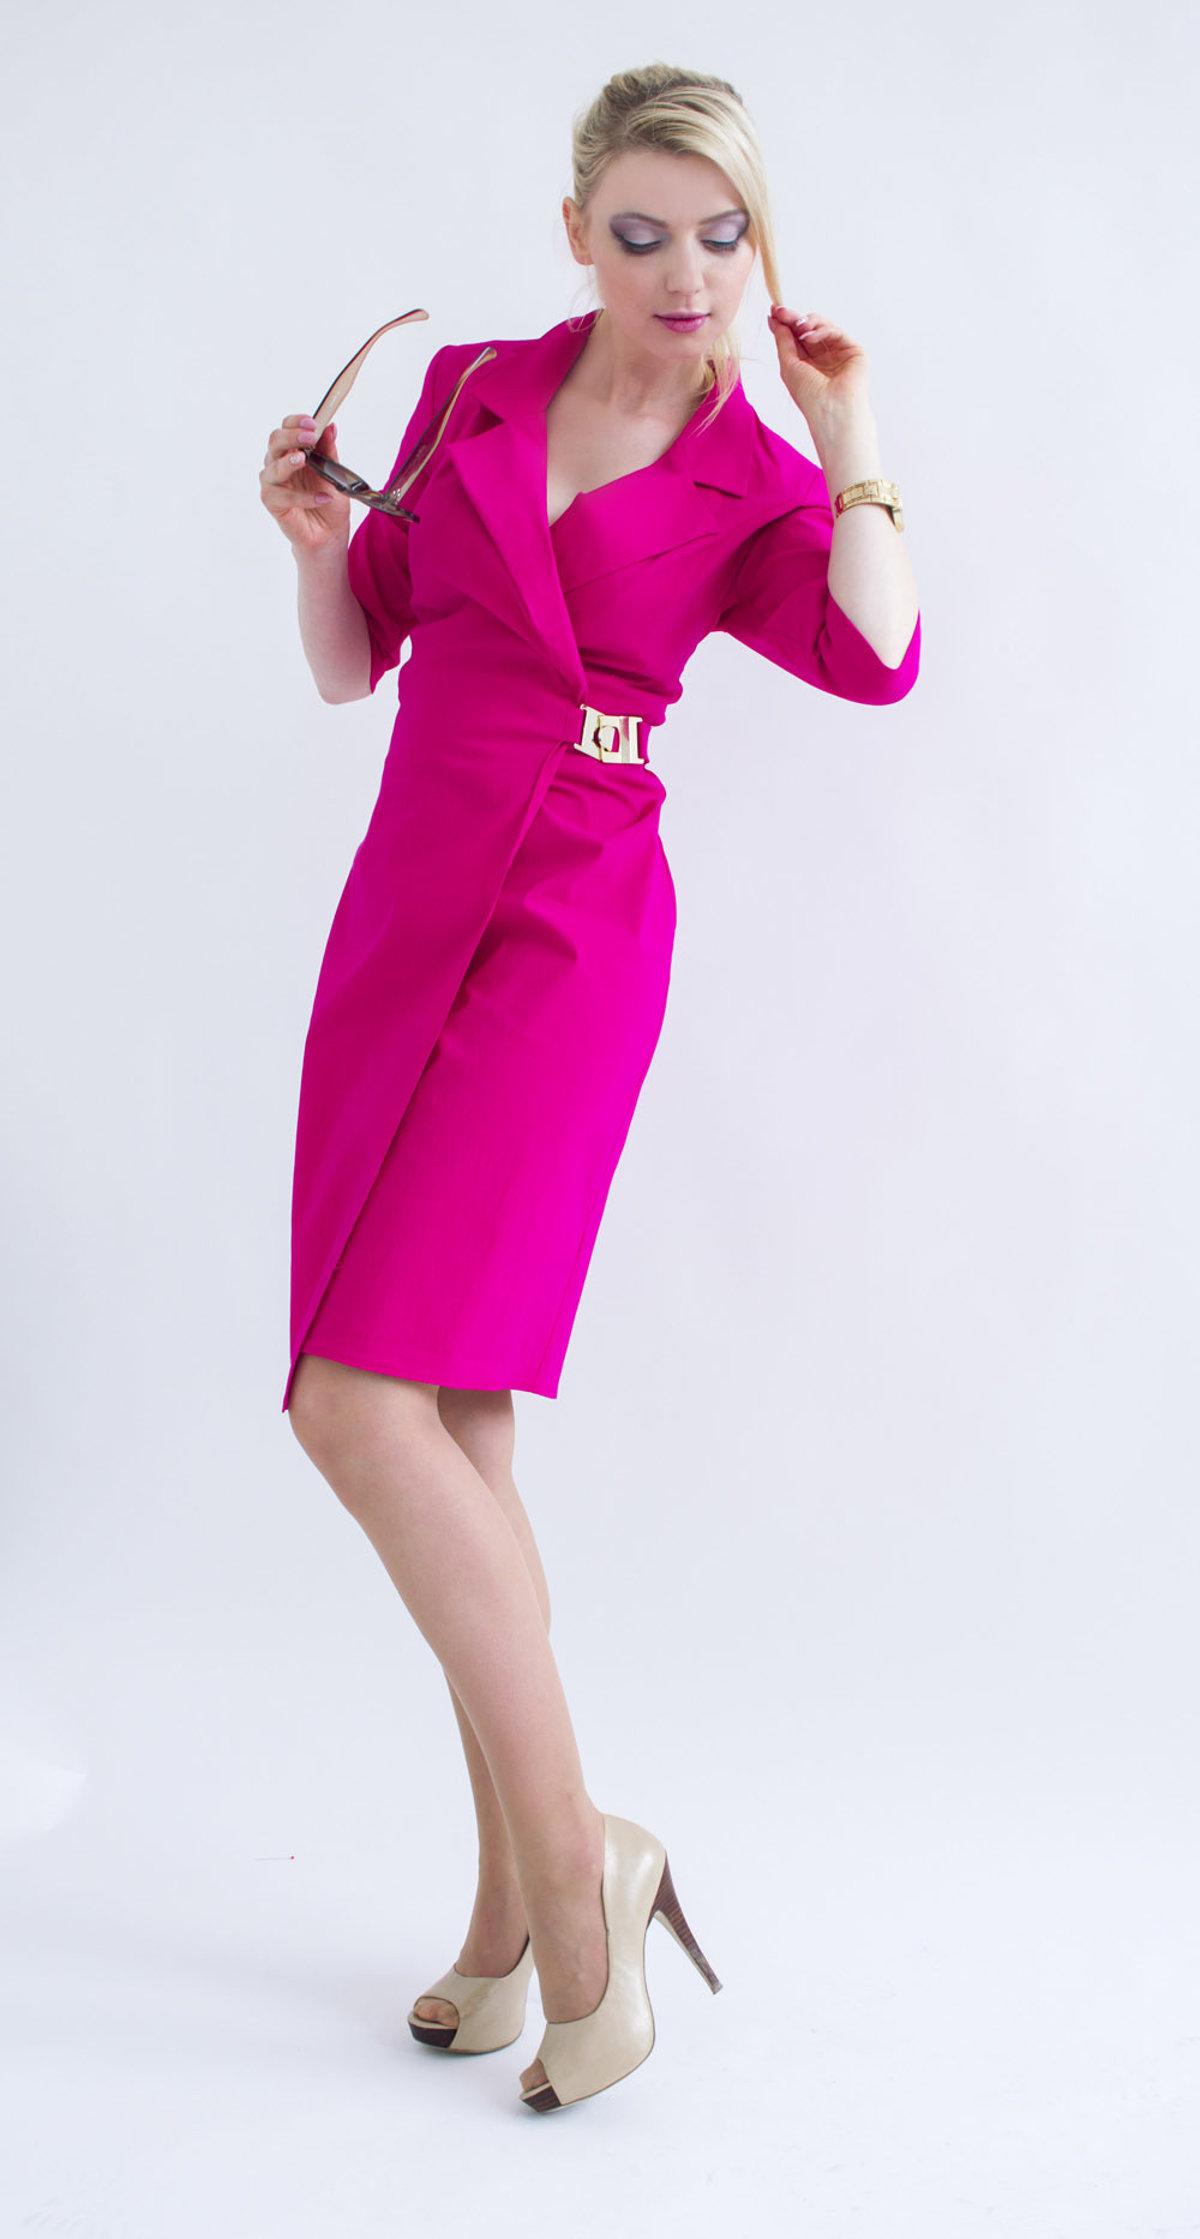 844a131f8cb9 Šaty podčiarkujú ženskosť